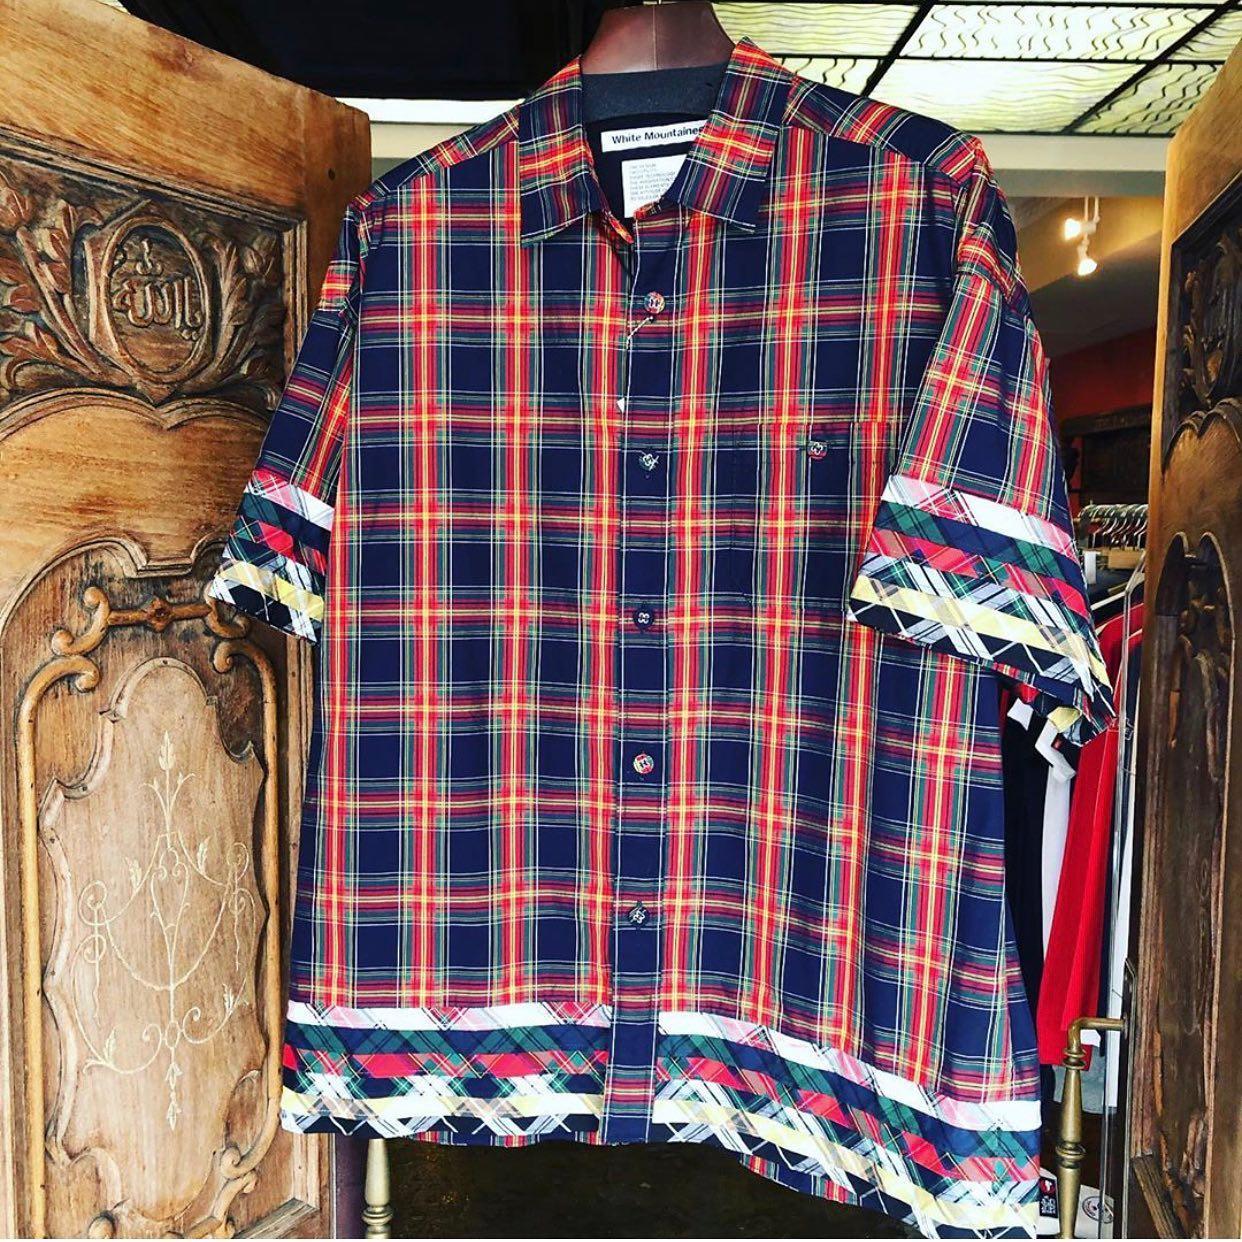 【商品紹介】White Mountaineering ホワイトマウンテニアリング MULTI TARTAN CHECK BIG HALF SLEEVES SHIRT マルチタータンチェック 5分袖ビッグシャツ ネイビー WM2071112ワイドシルエットのチェック柄半袖シャツ。袖や裾に複数生地を重ね合わせたインパクトと手の込んだシャツになります。ALLEY OnlineShopプロフィール、商品タグからECサイトもご覧頂けます。お問い合わせはサイトからお気軽にご連絡下さい。#whitemountaineering #ホワイトマウンテニアリング